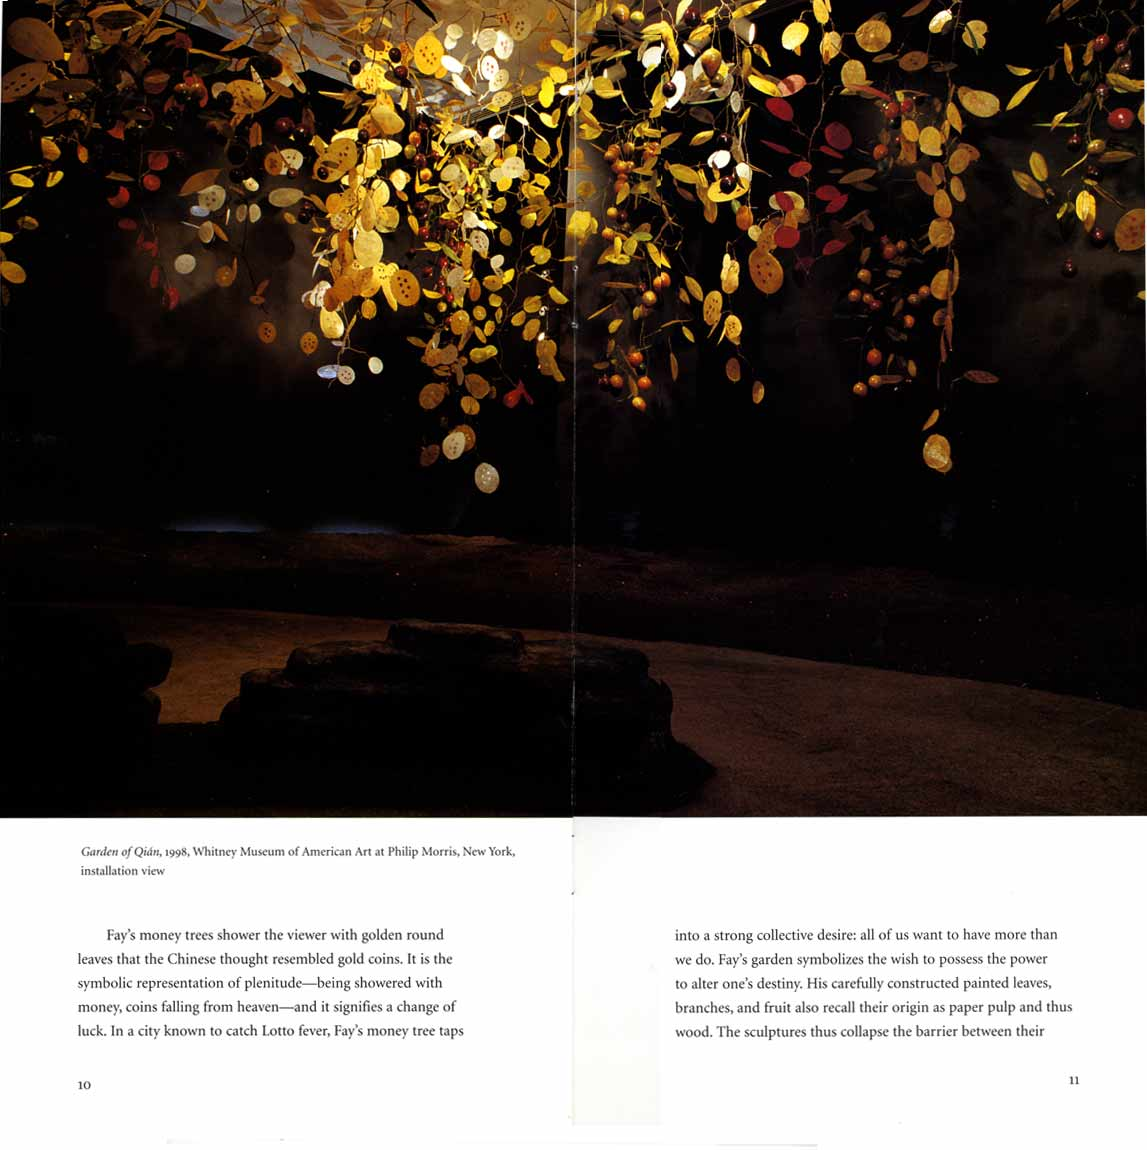 Garden of Qian, brochure, pg 7